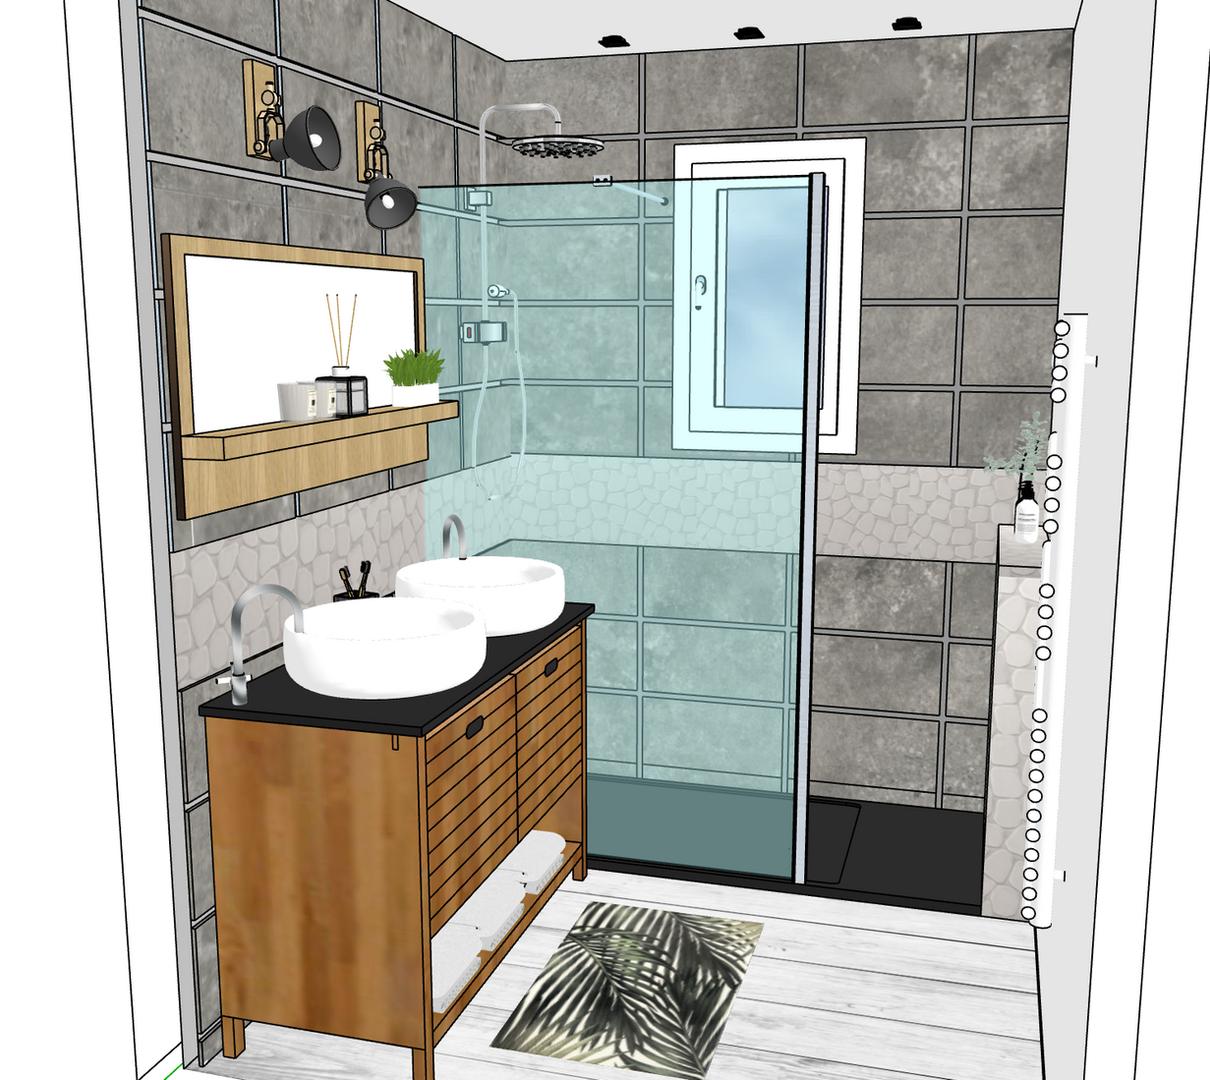 Rénovation d'une petite salle d'eau à Frouzins en occitanie 1/3